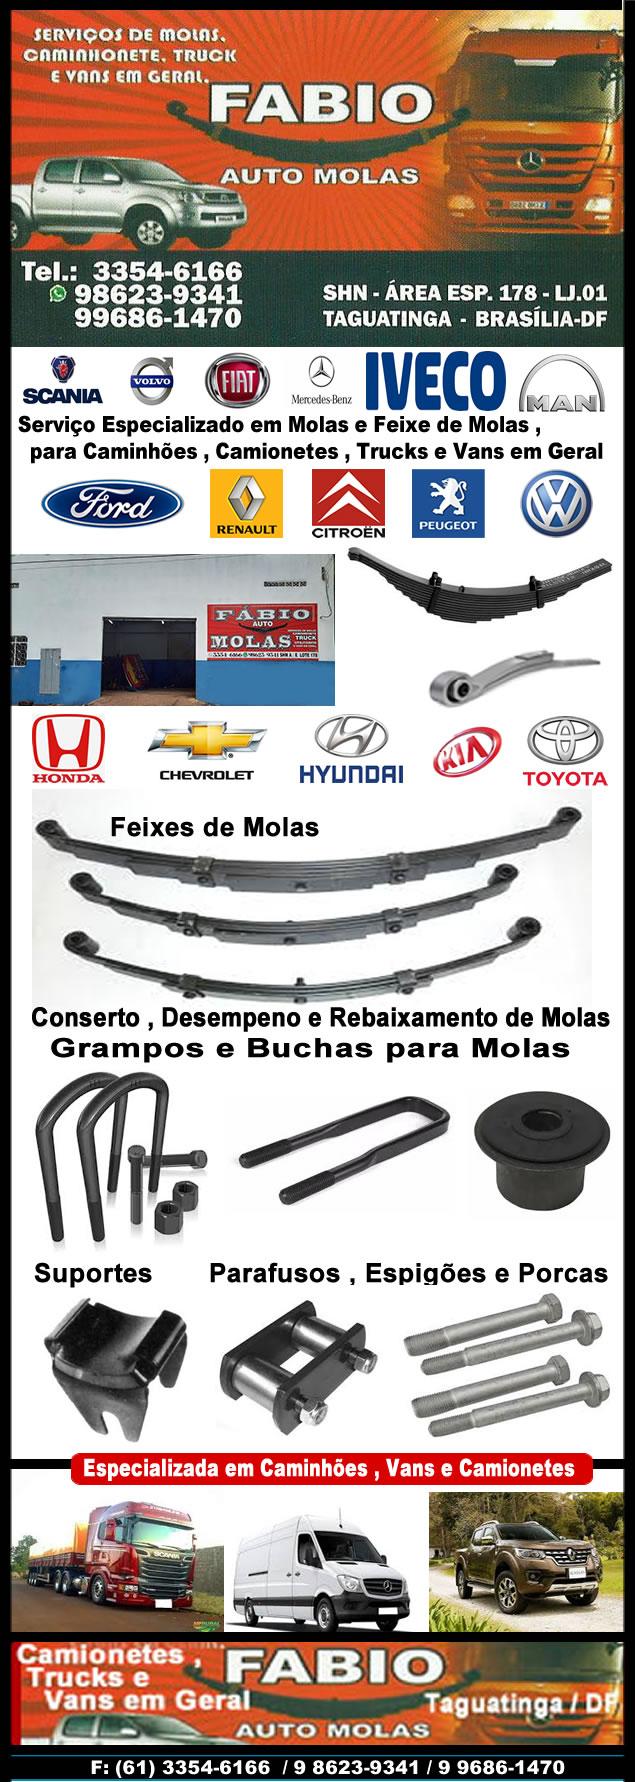 Base_Fabio_Molas Fábio Auto Molas